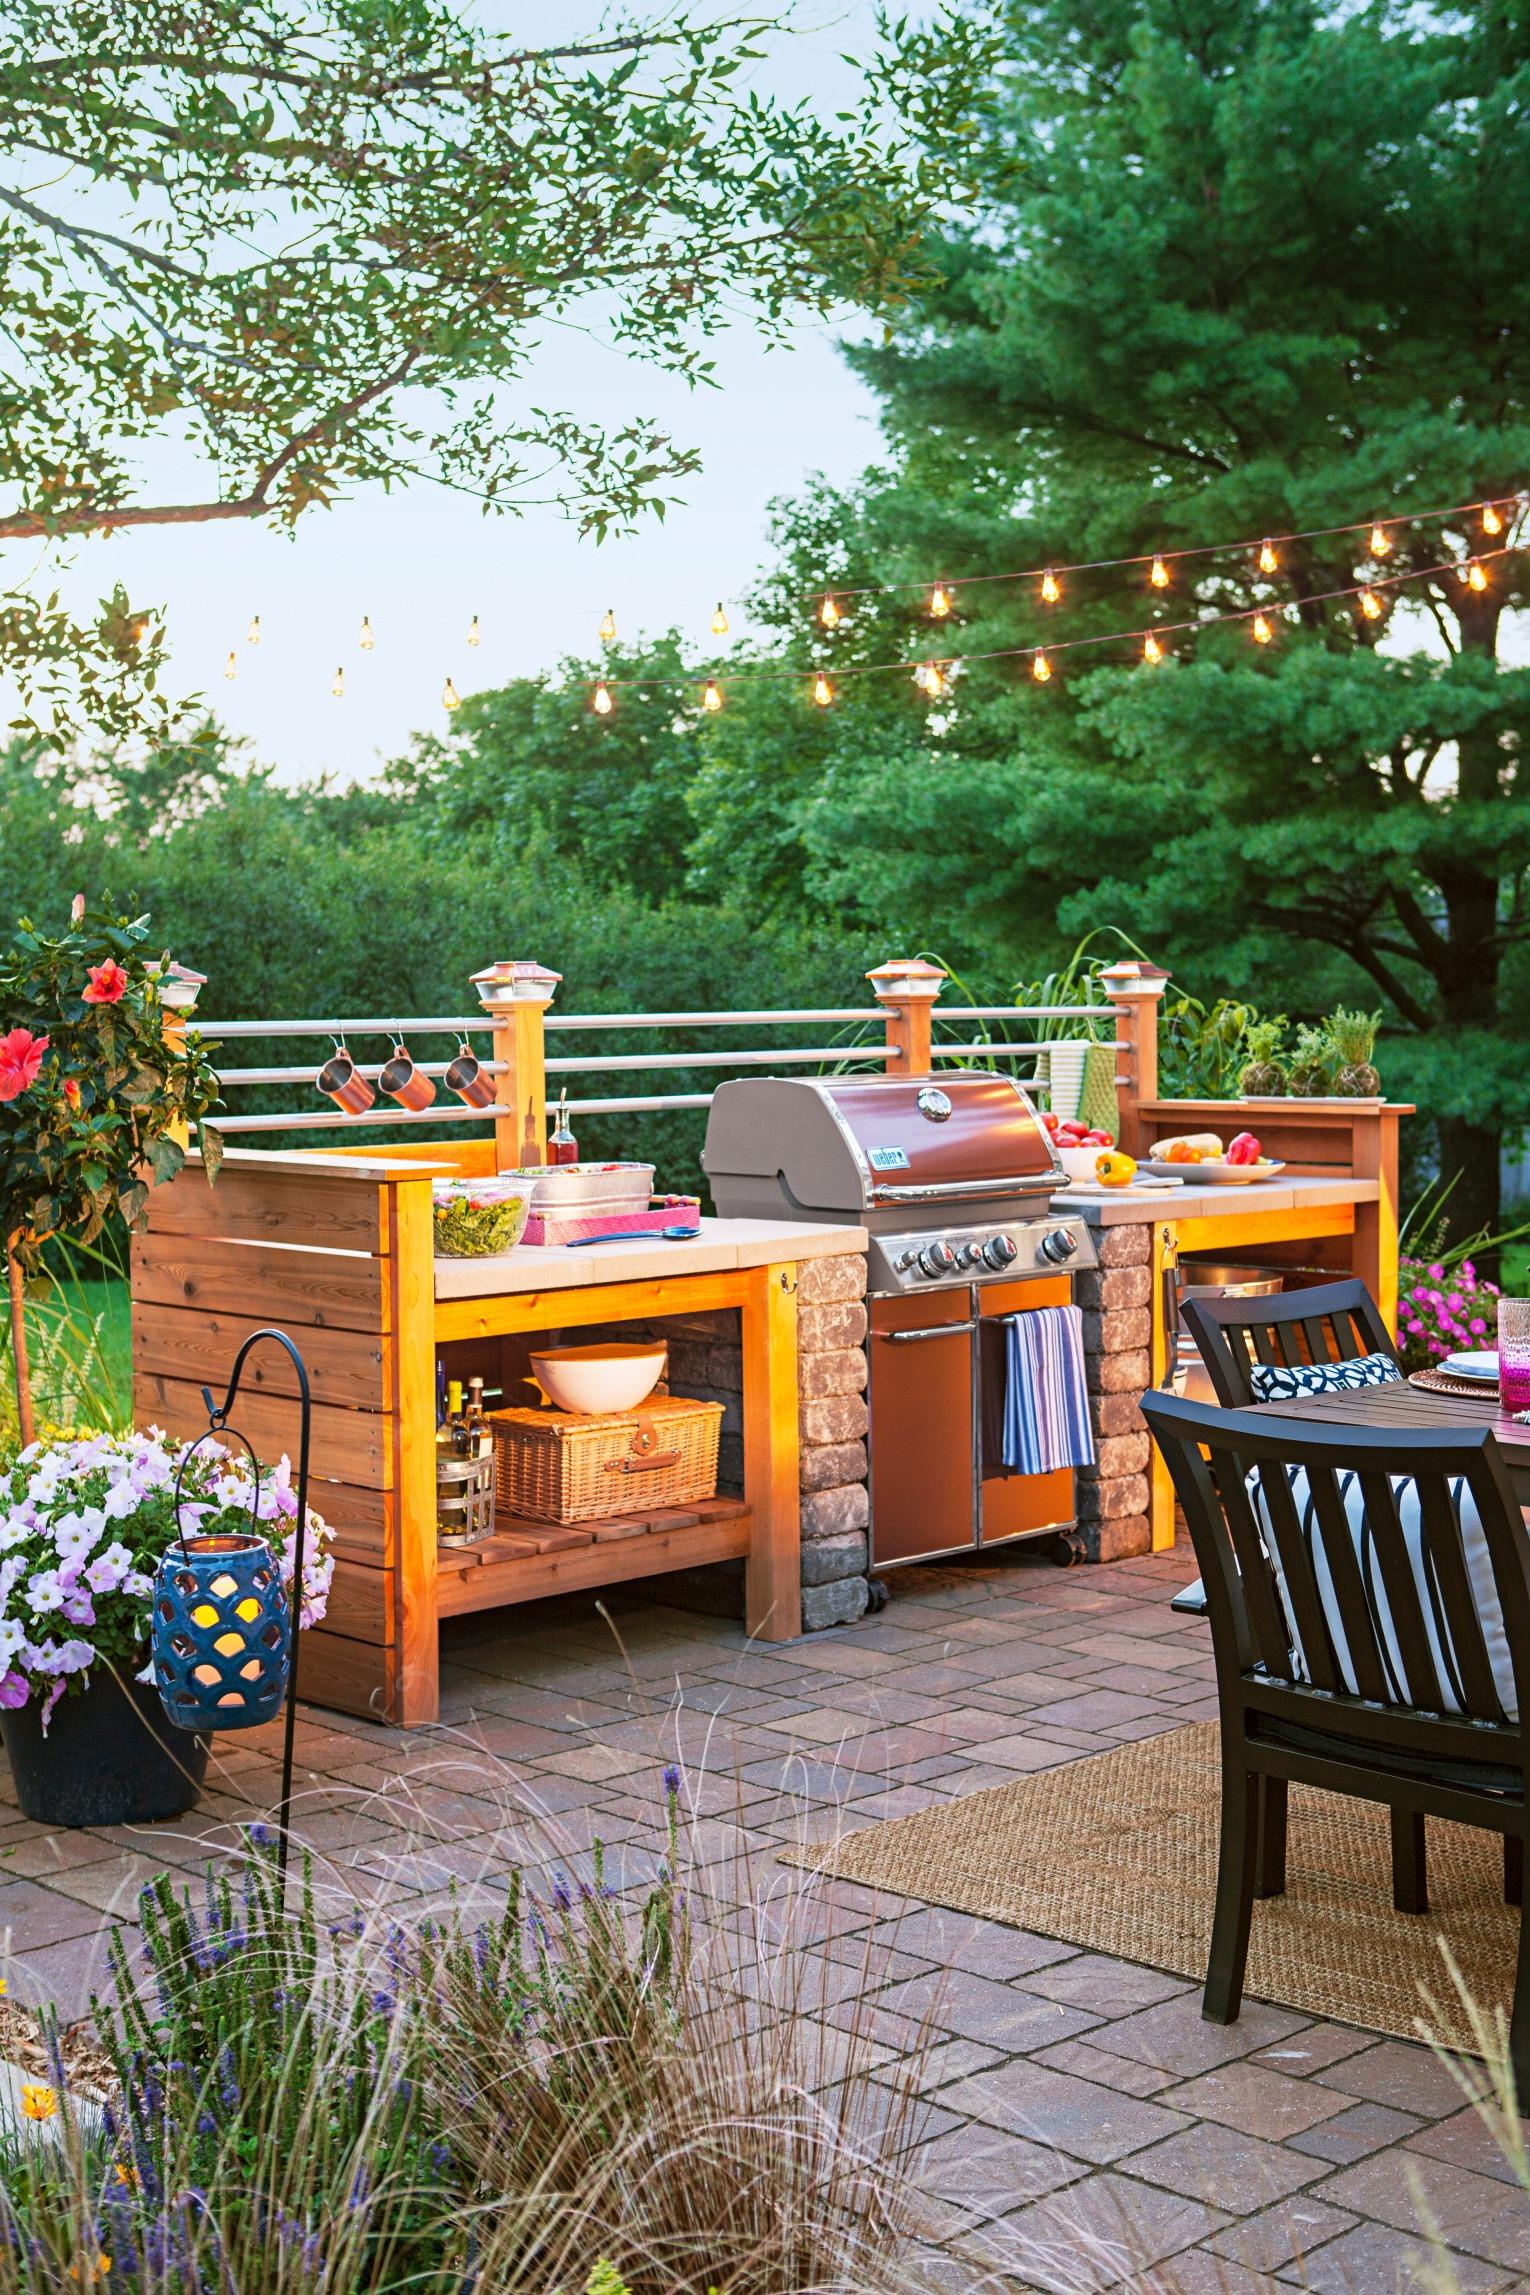 Diy Outdoor Kitchen Ideas  95 Cool Outdoor Kitchen Designs DigsDigs